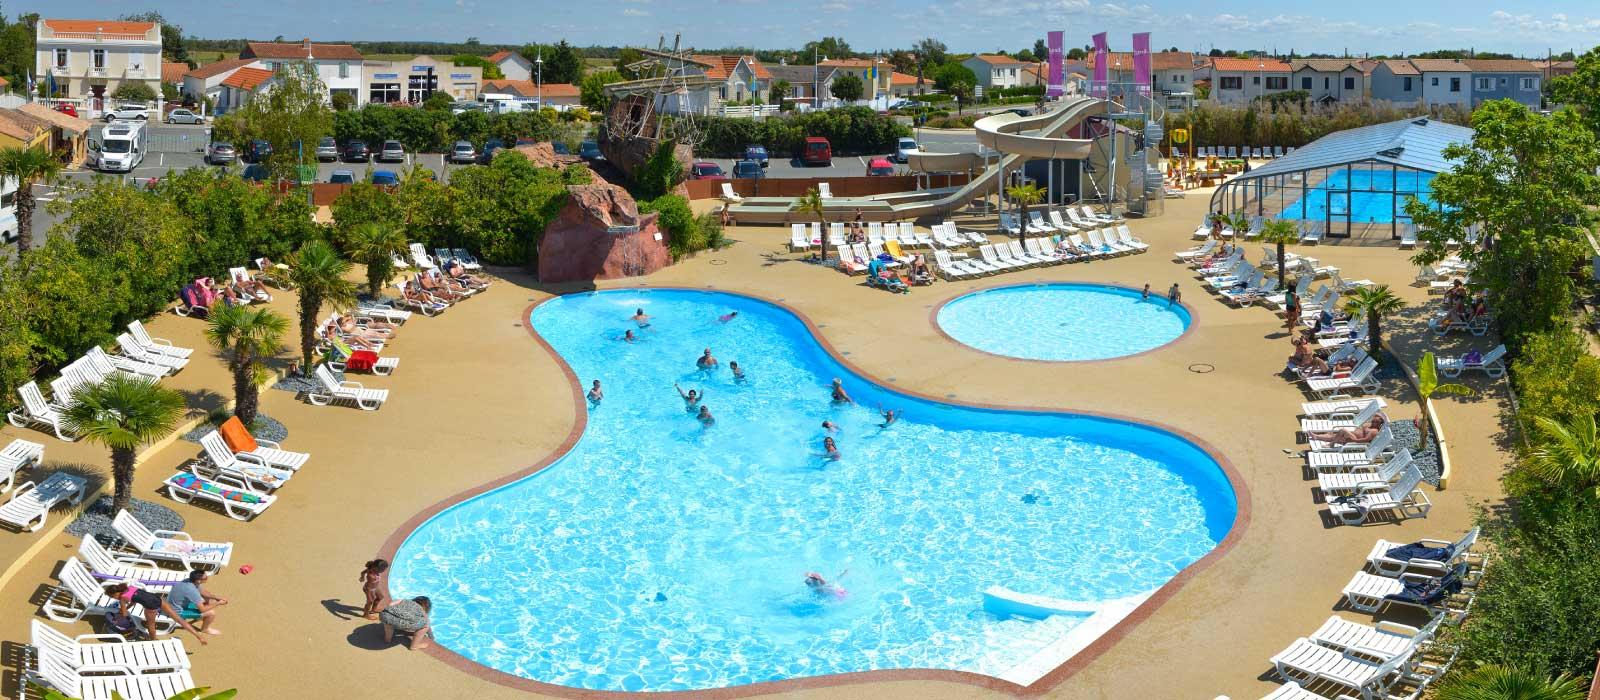 Le parc aquatique avec toboggans dans le camping Le Village Corsaire à Chatelaillon Plage